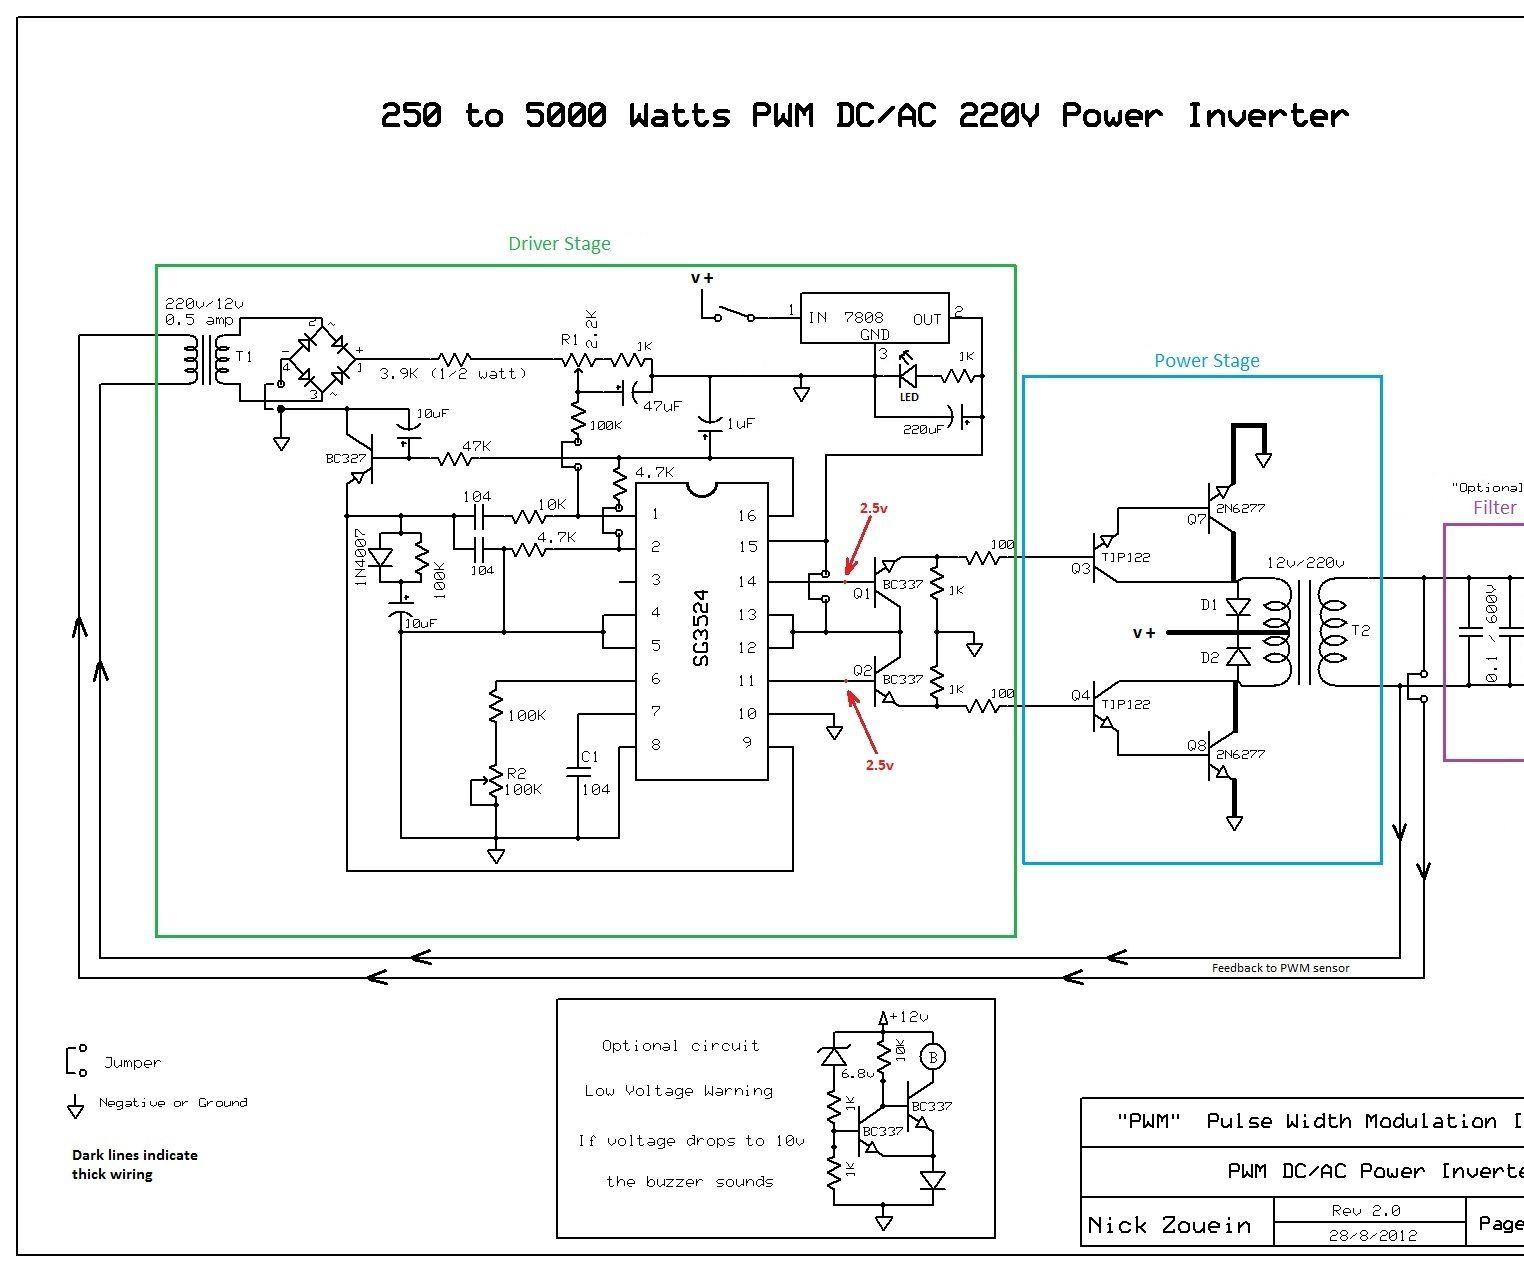 Bmw N55 Wiring Diagram | Bmw N55 Wiring Diagram |  | Wiring Diagram